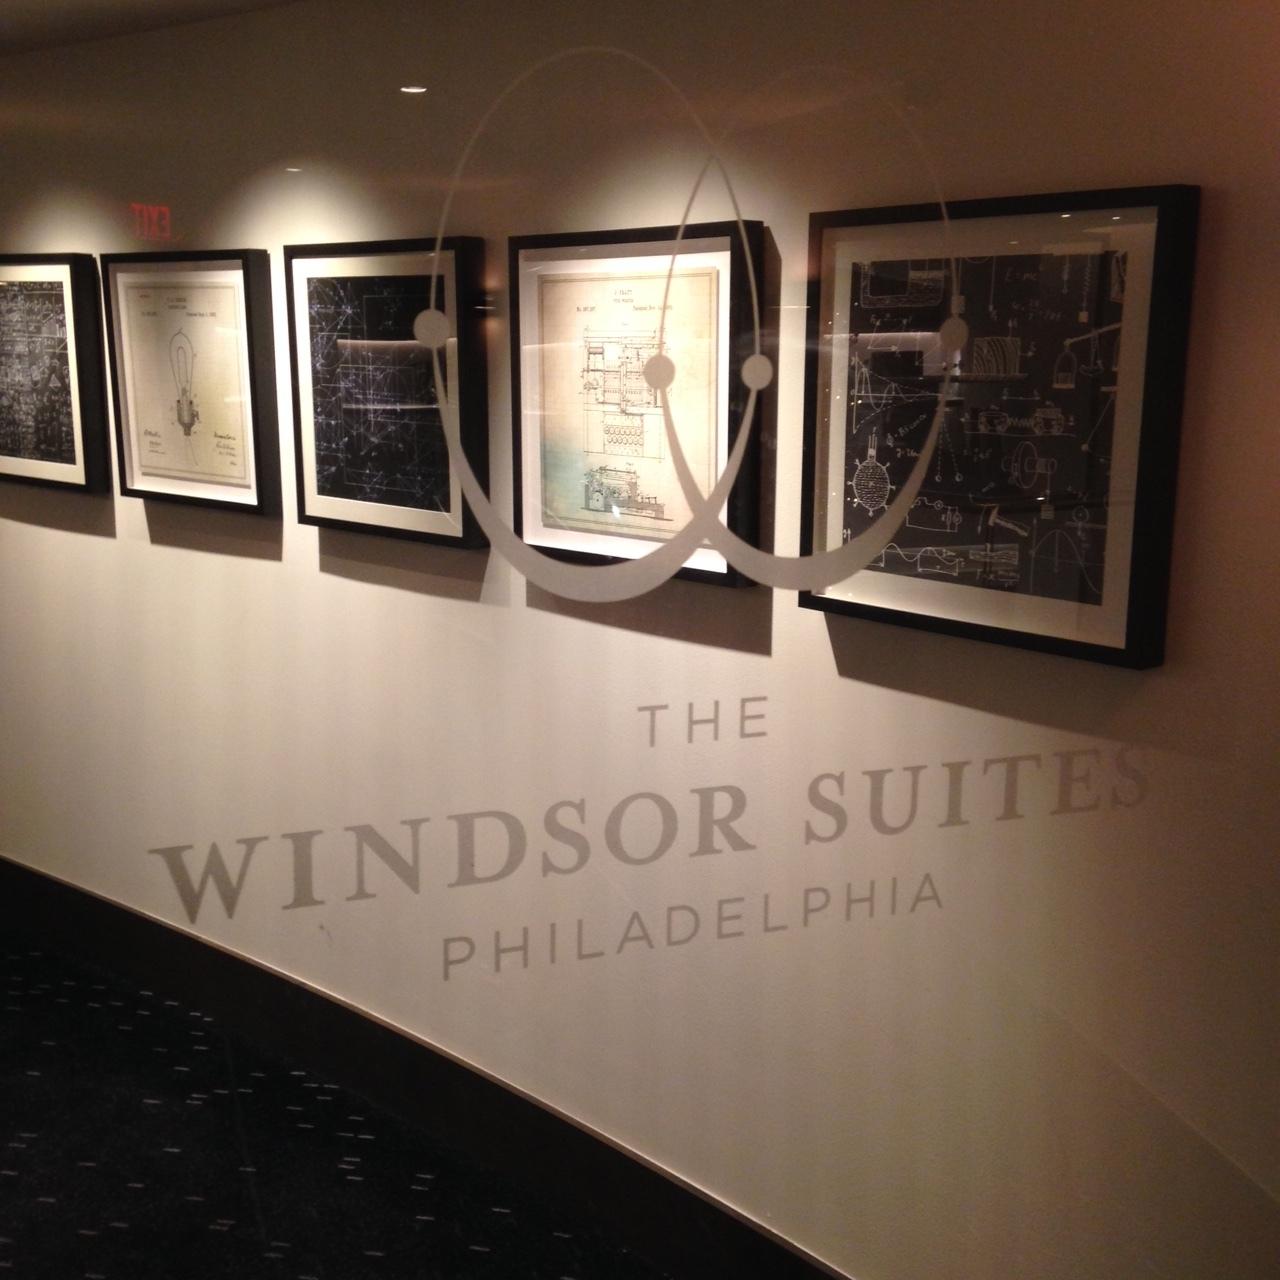 The Windsor Suites, Logo Signage